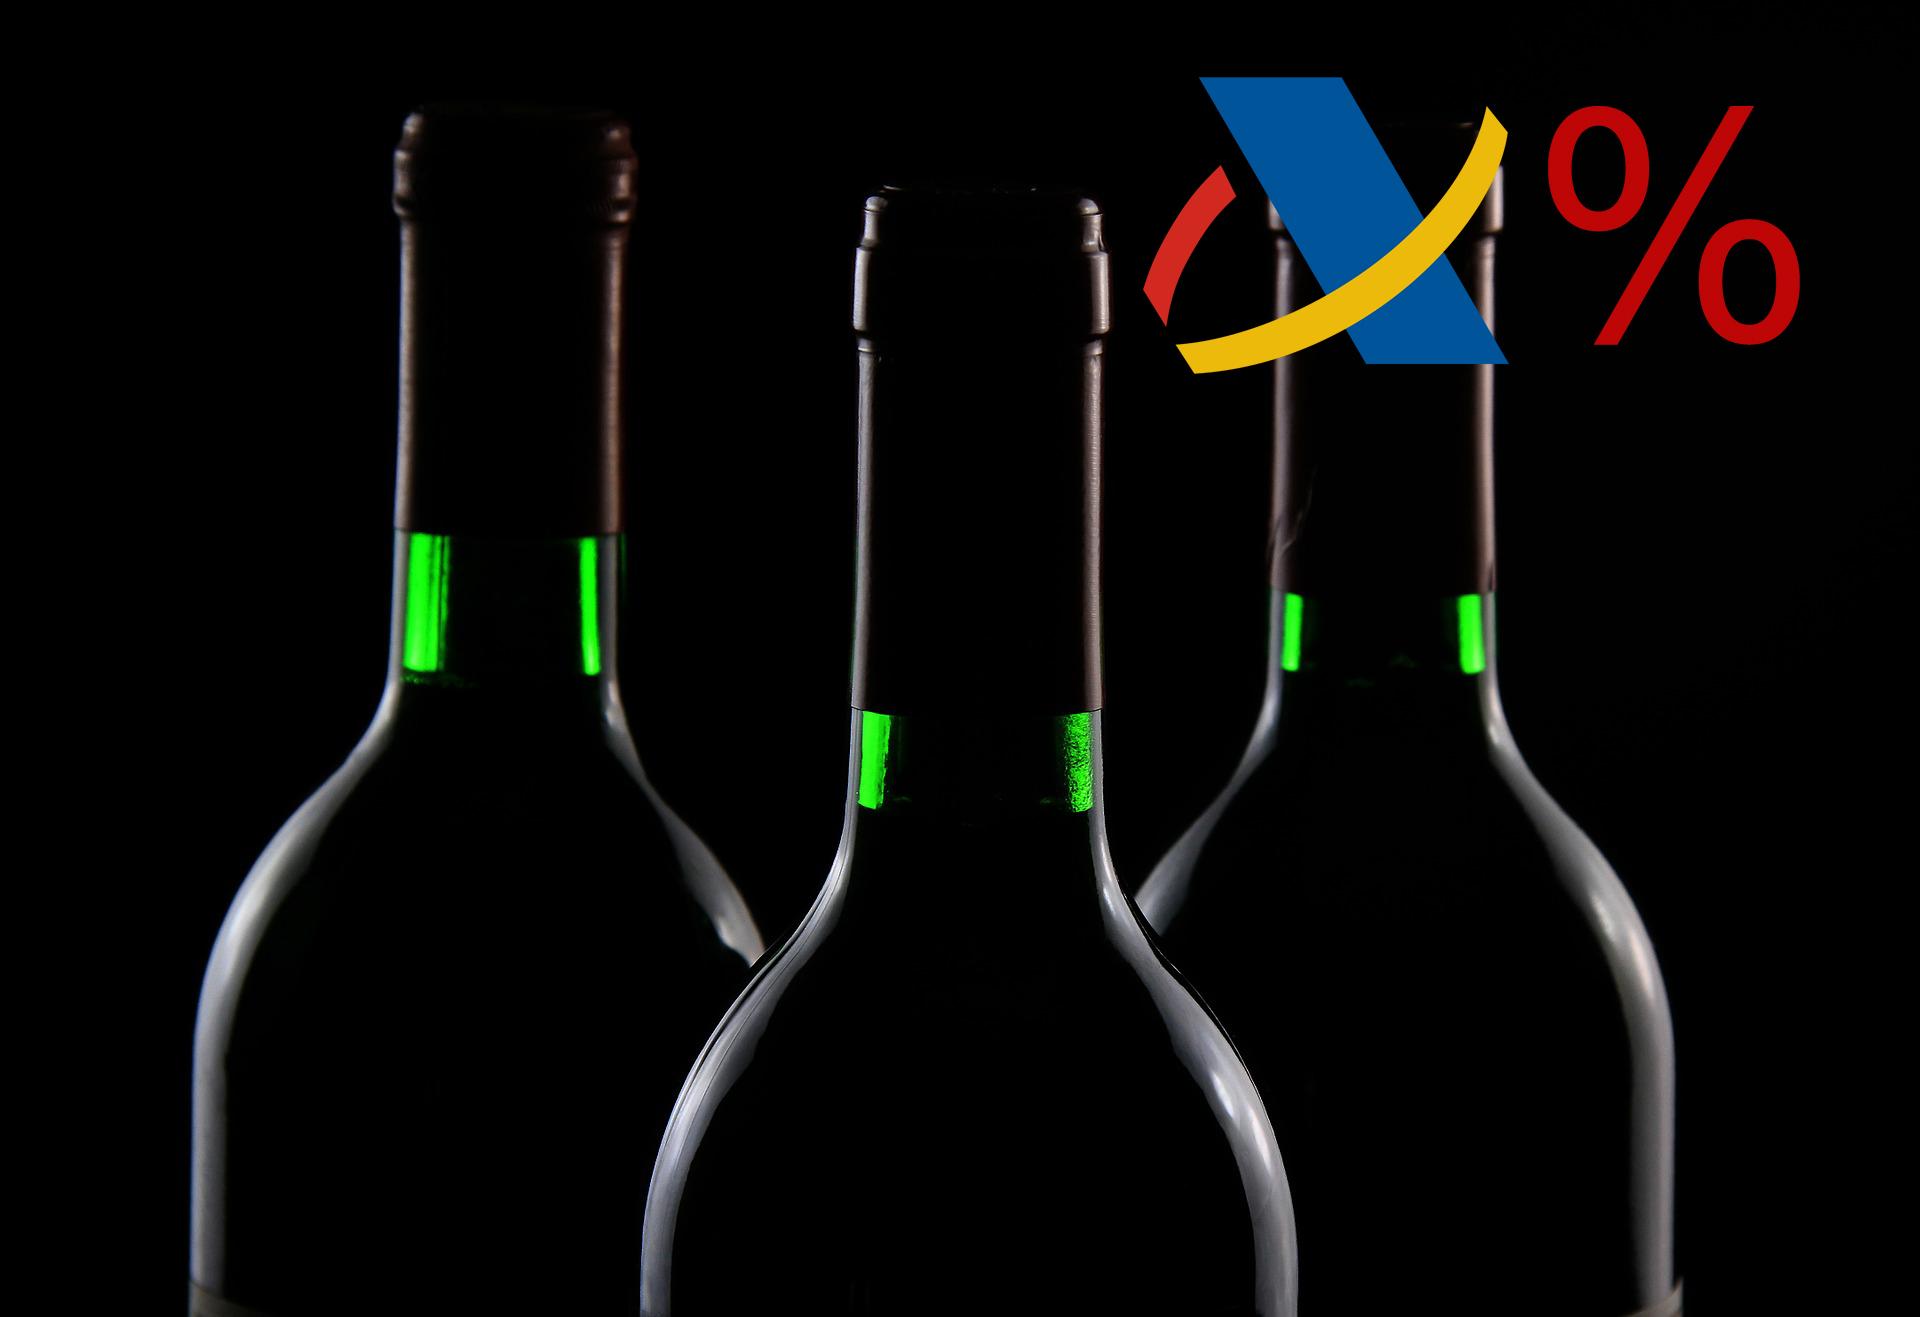 Vuelve la espada de Damocles al vino